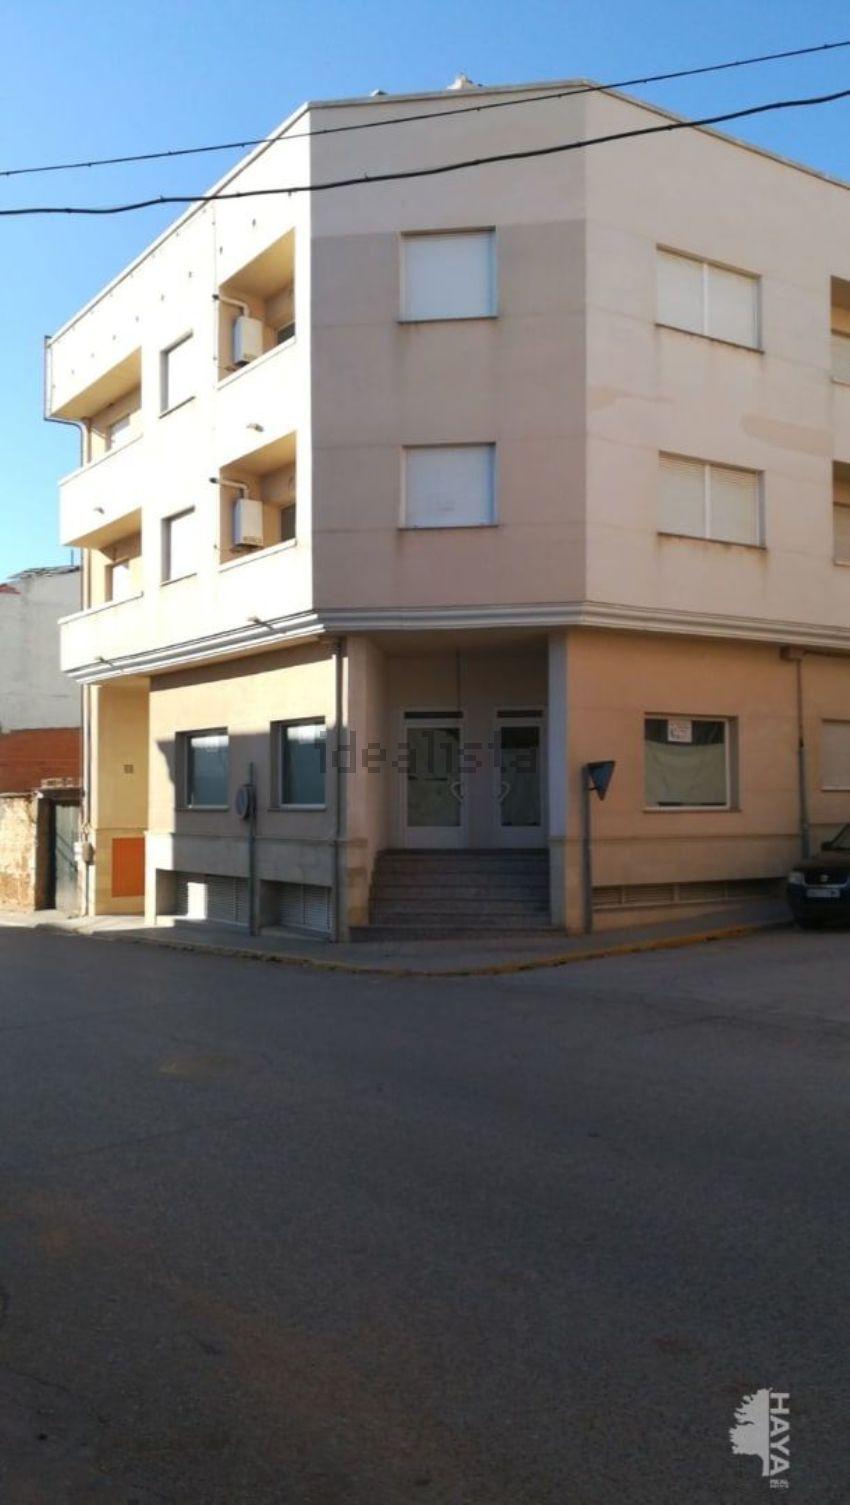 Piso en calle olmo, 5, Quintanar del Rey